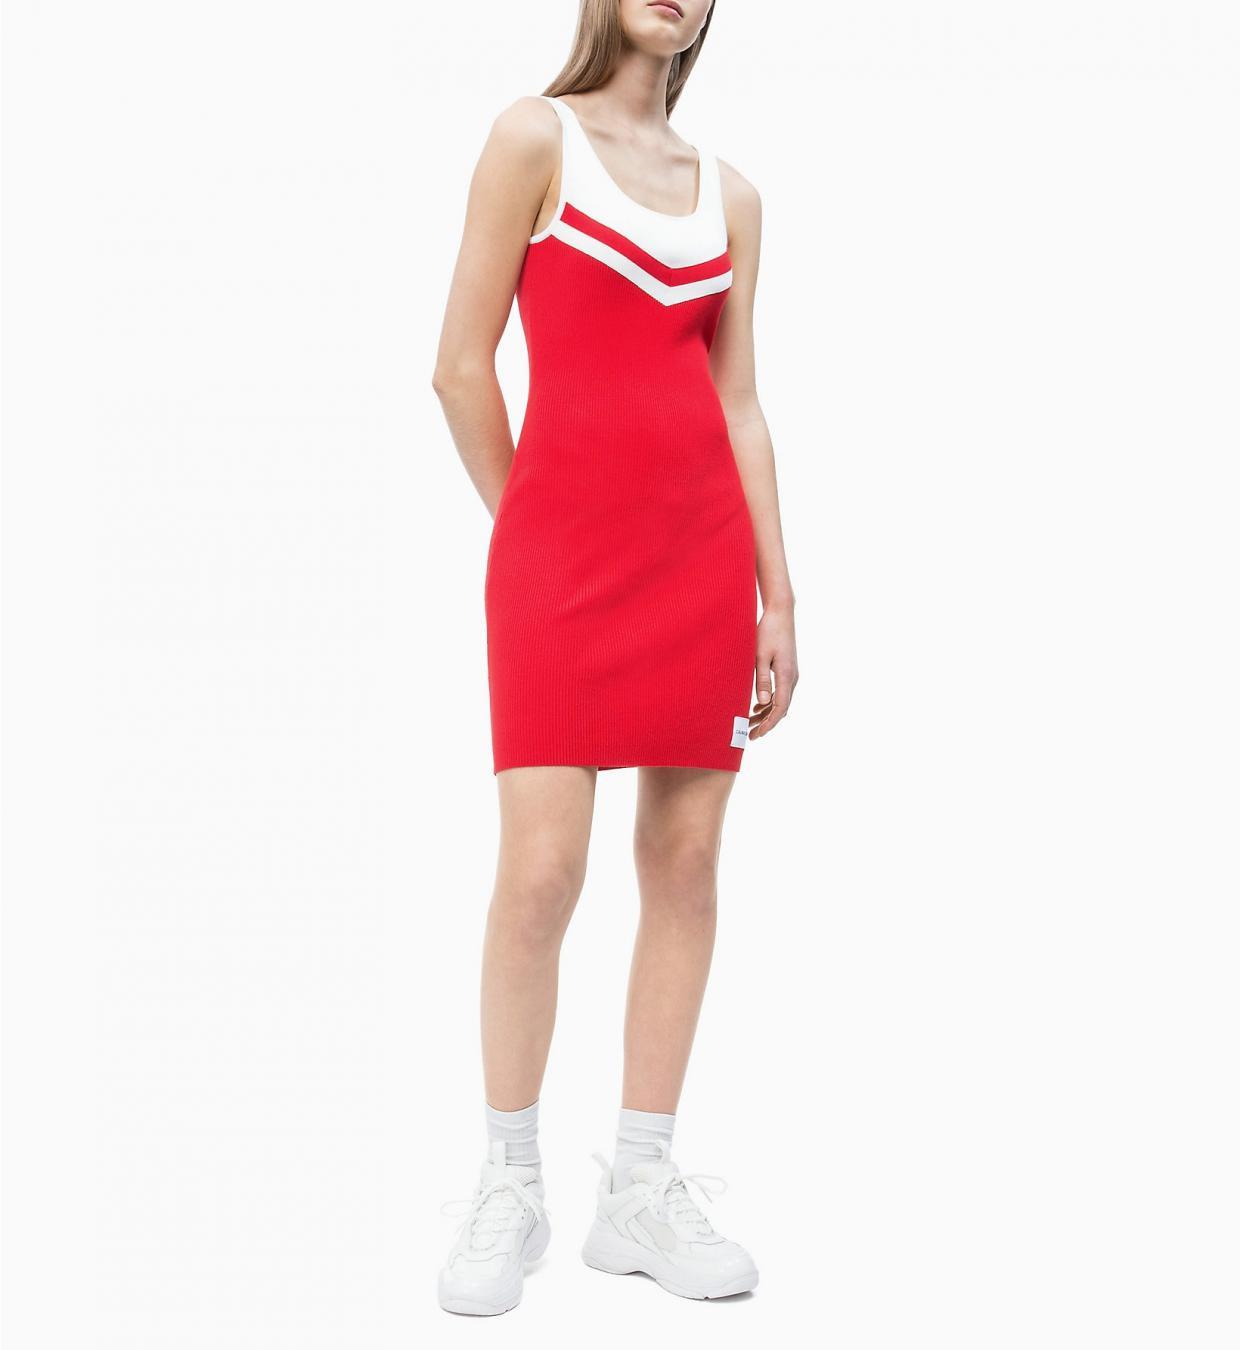 Cheerleaderkleid Aus Rippstrick Red  Calvin Klein Damen